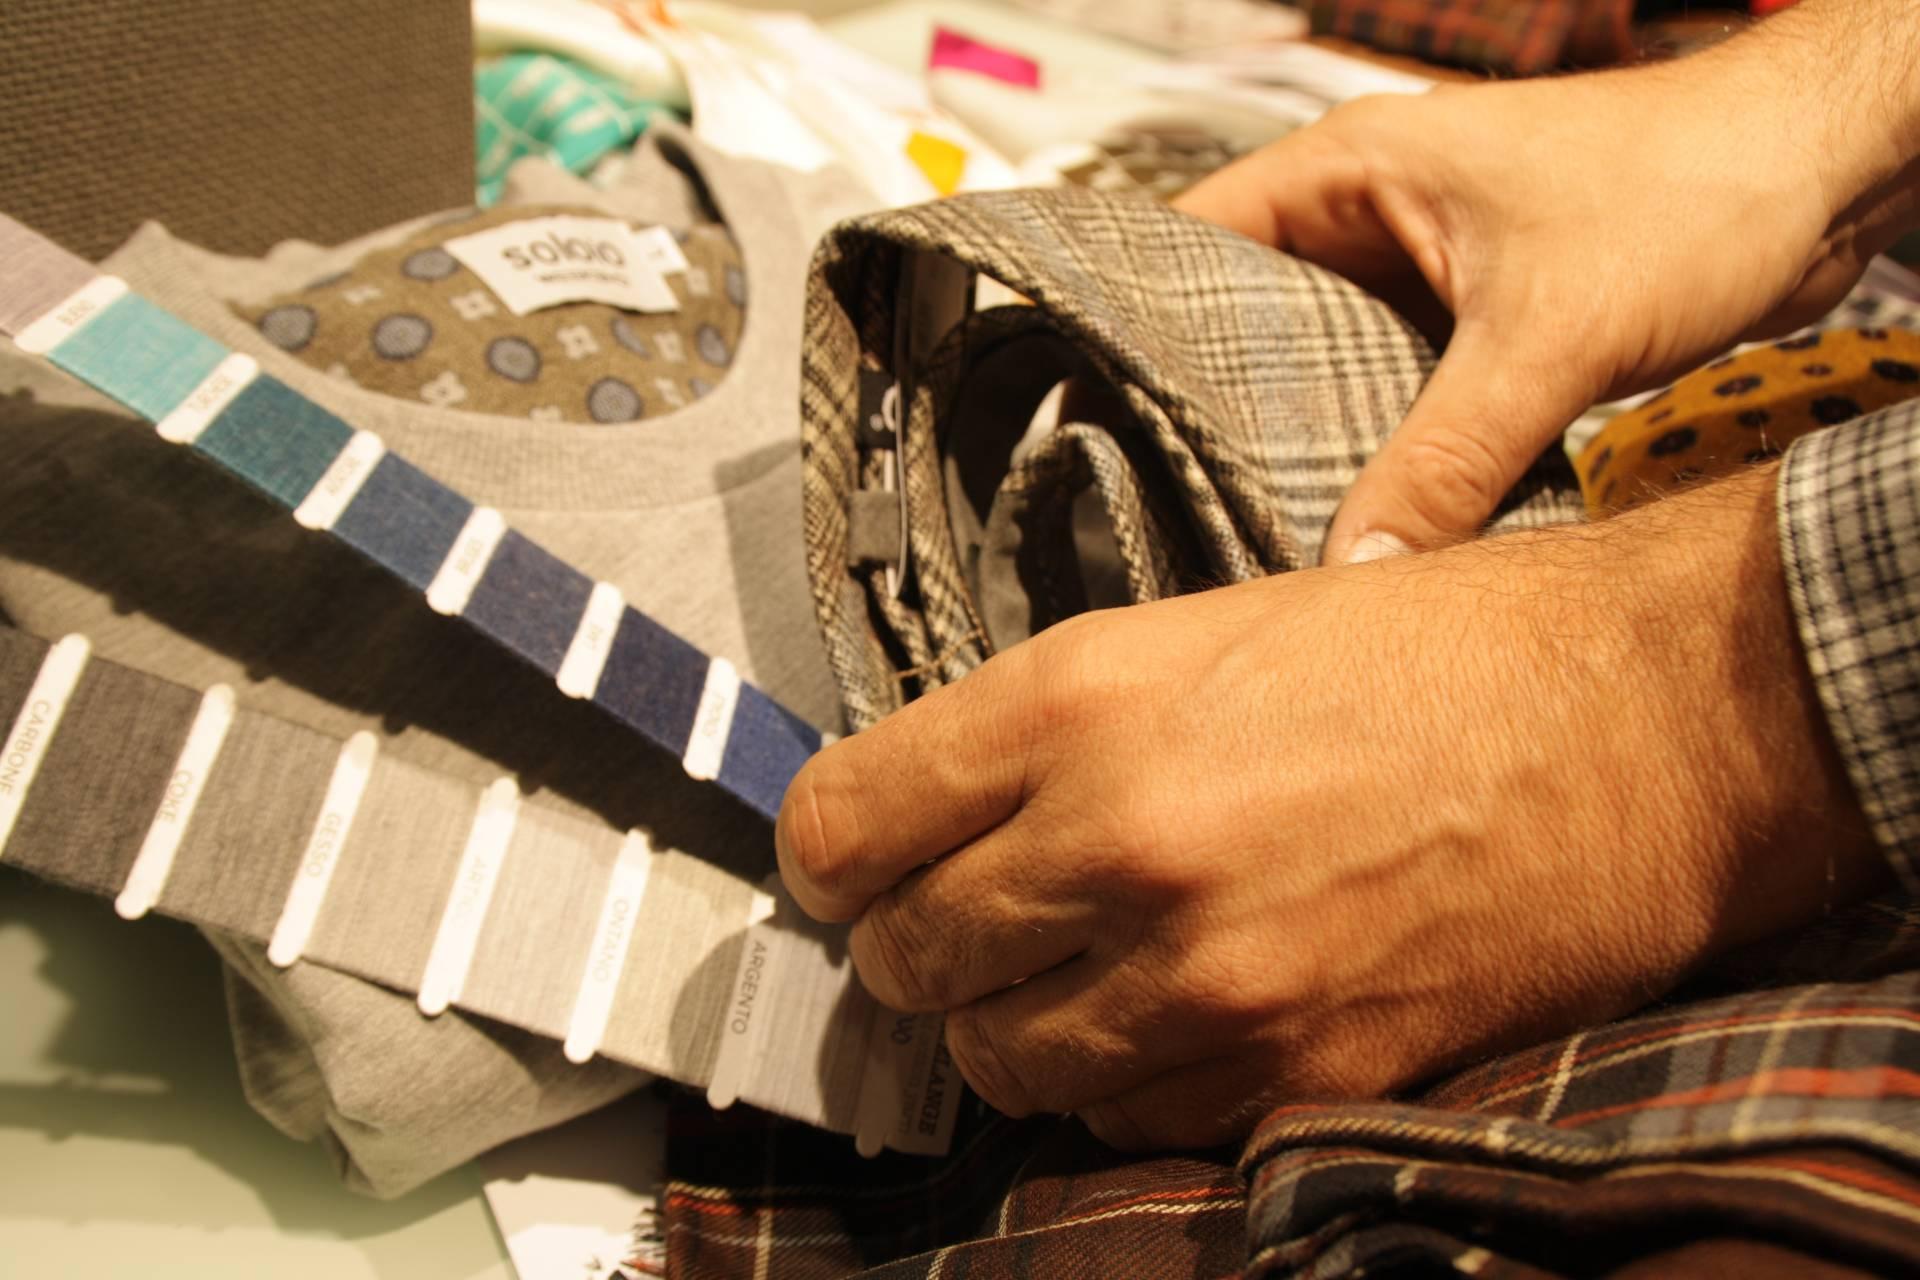 En SOLOiO se eligen hasta las hilaturas con las que serán cosidas las piezas de las corbatas.